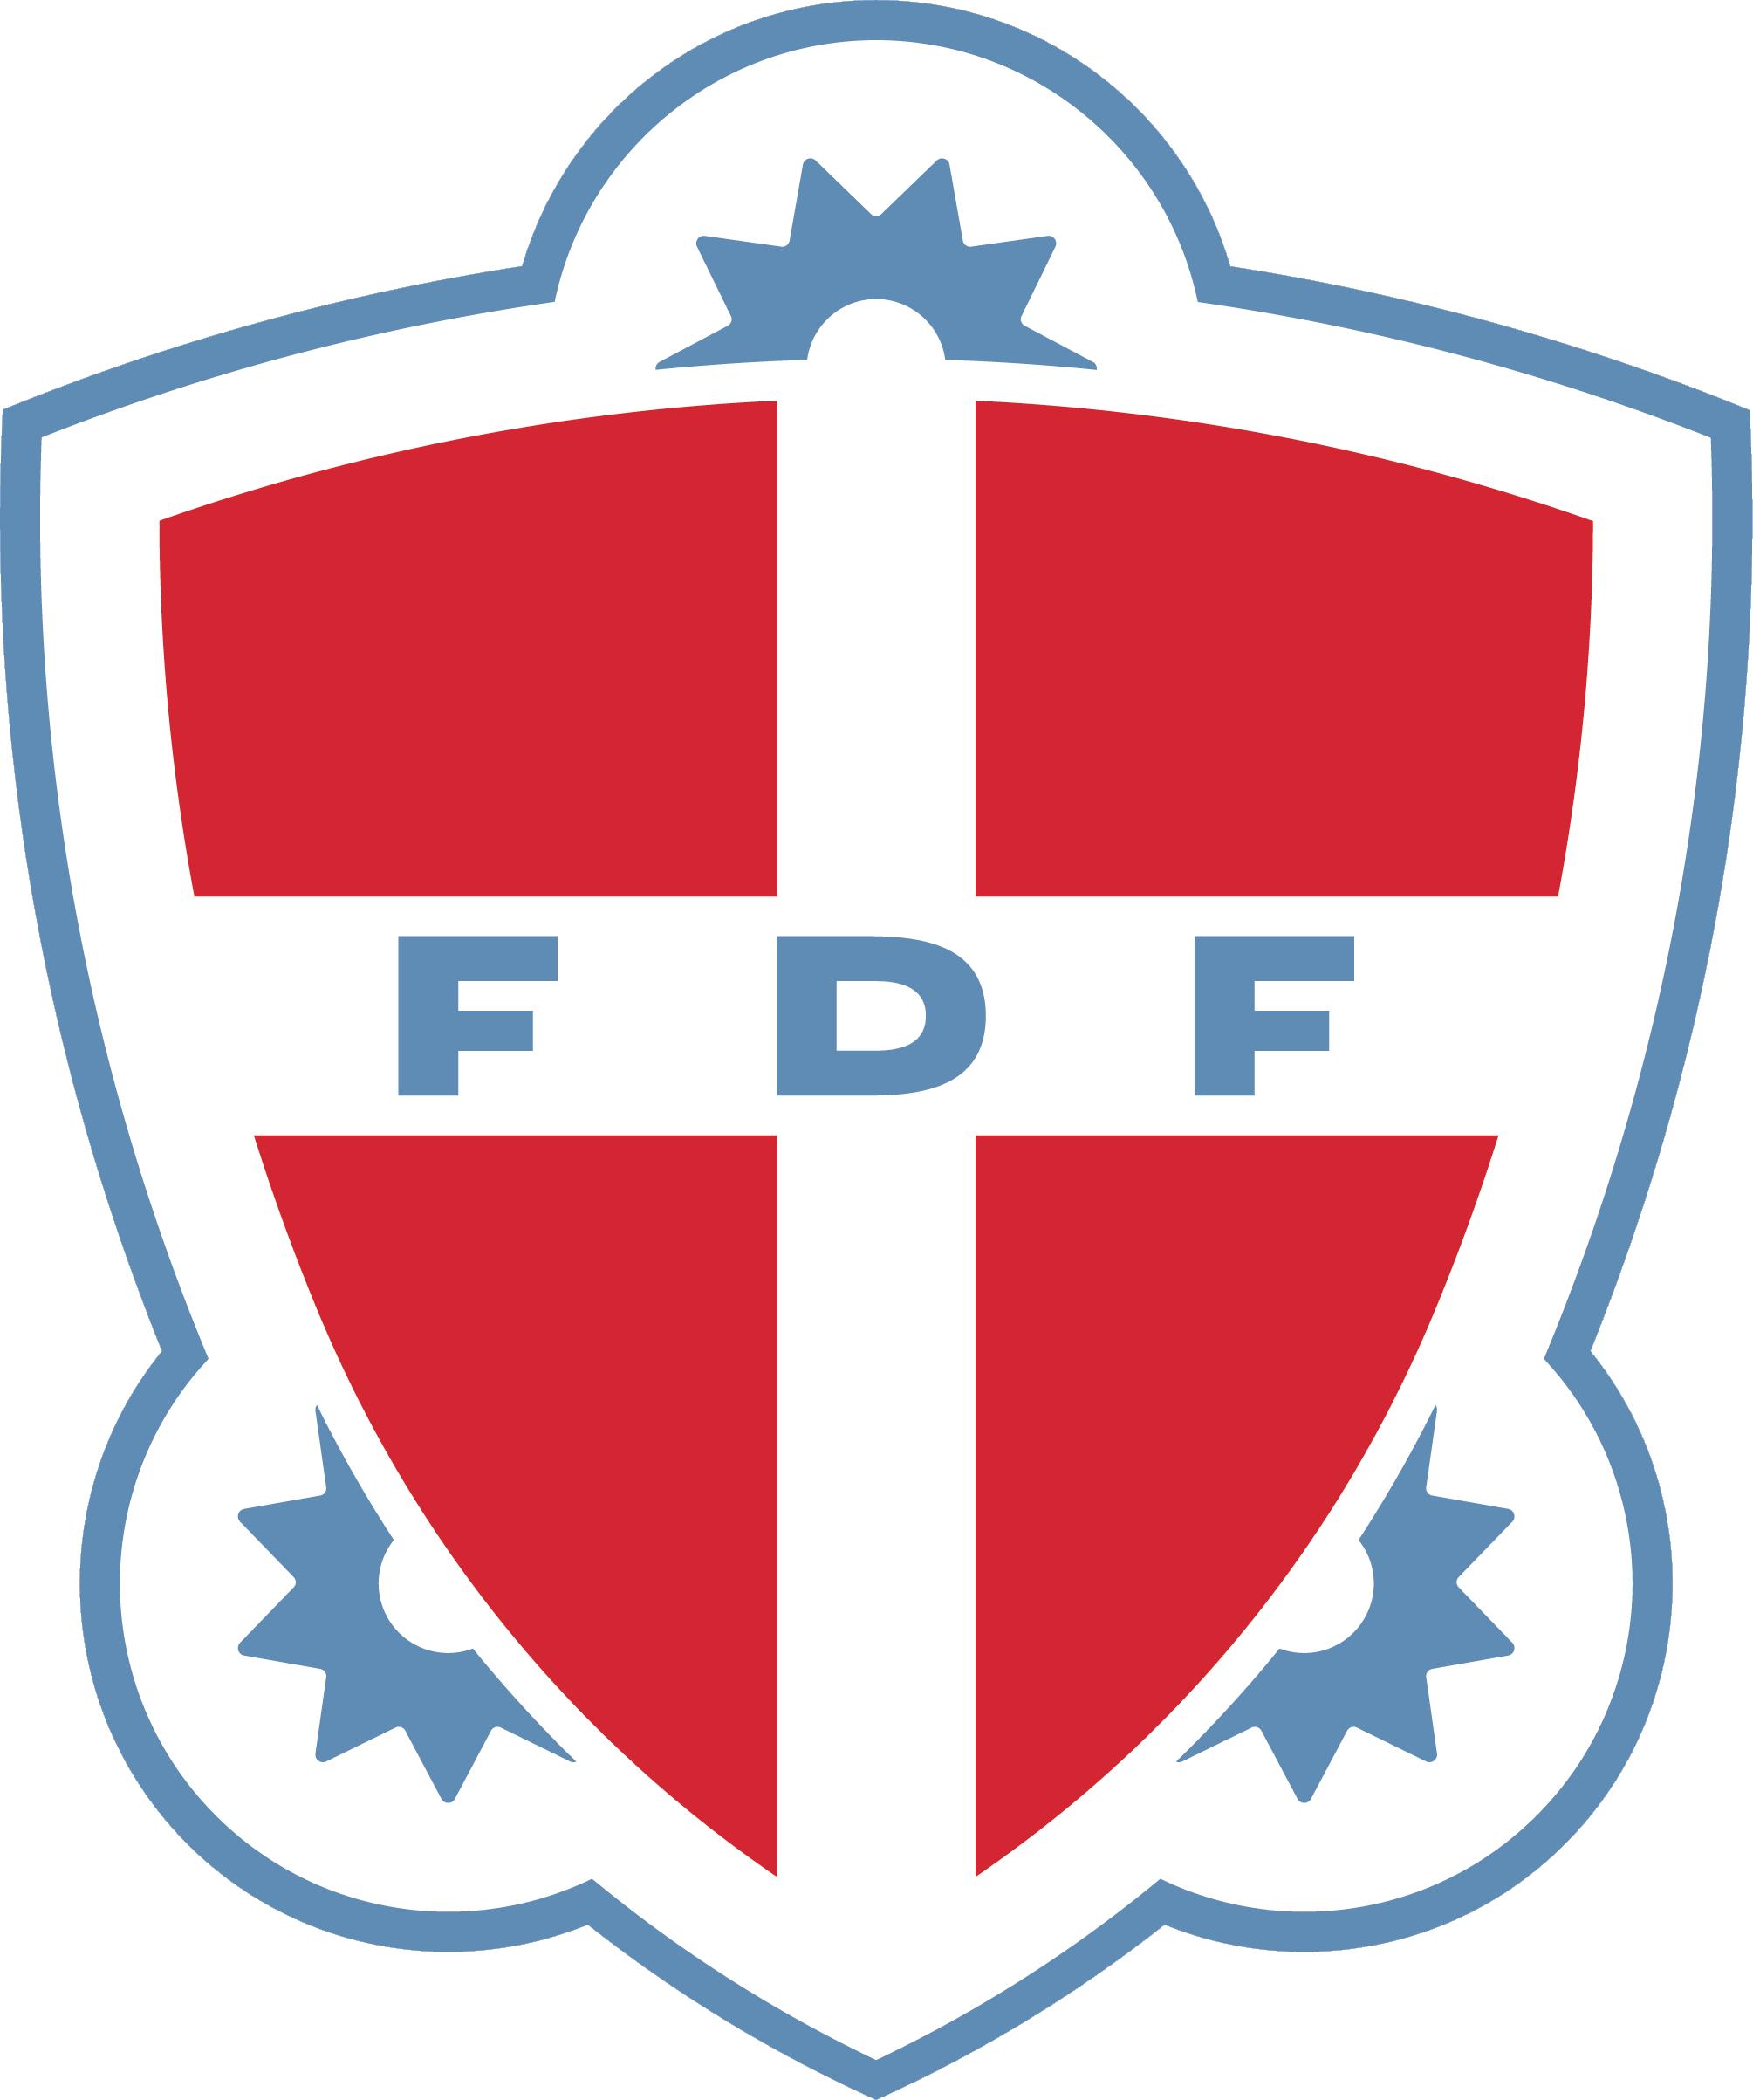 FDF Skjold og logo